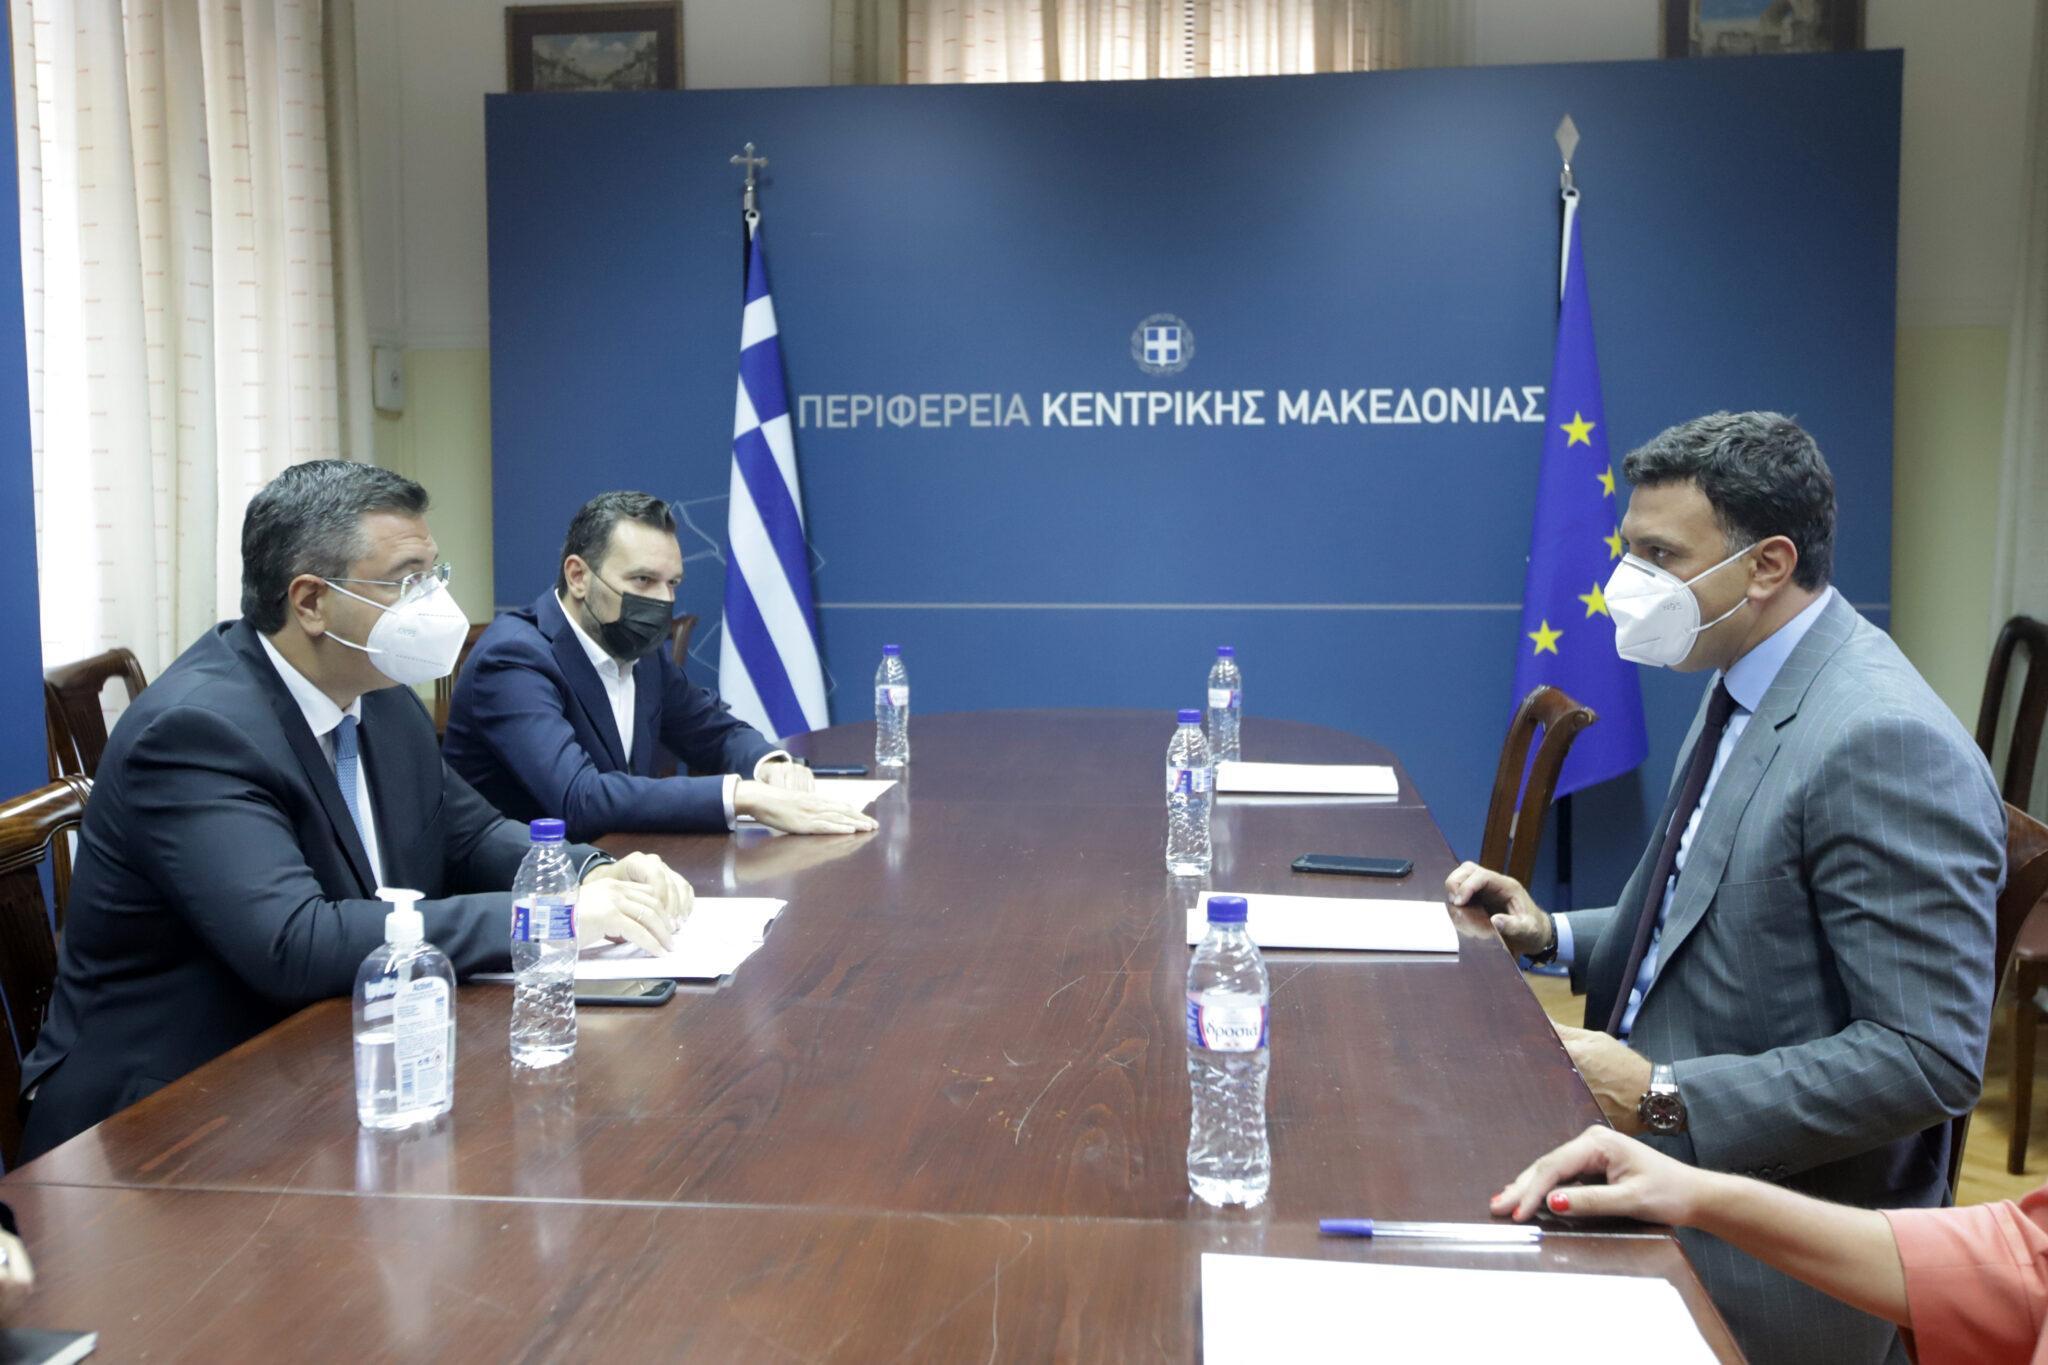 Συνάντηση Κικίλια – Τζιτζικώστα: Μετατροπή του λιμανιού Θεσσαλονίκης σε home port και hub και ανάπτυξη της κρουαζιέρας